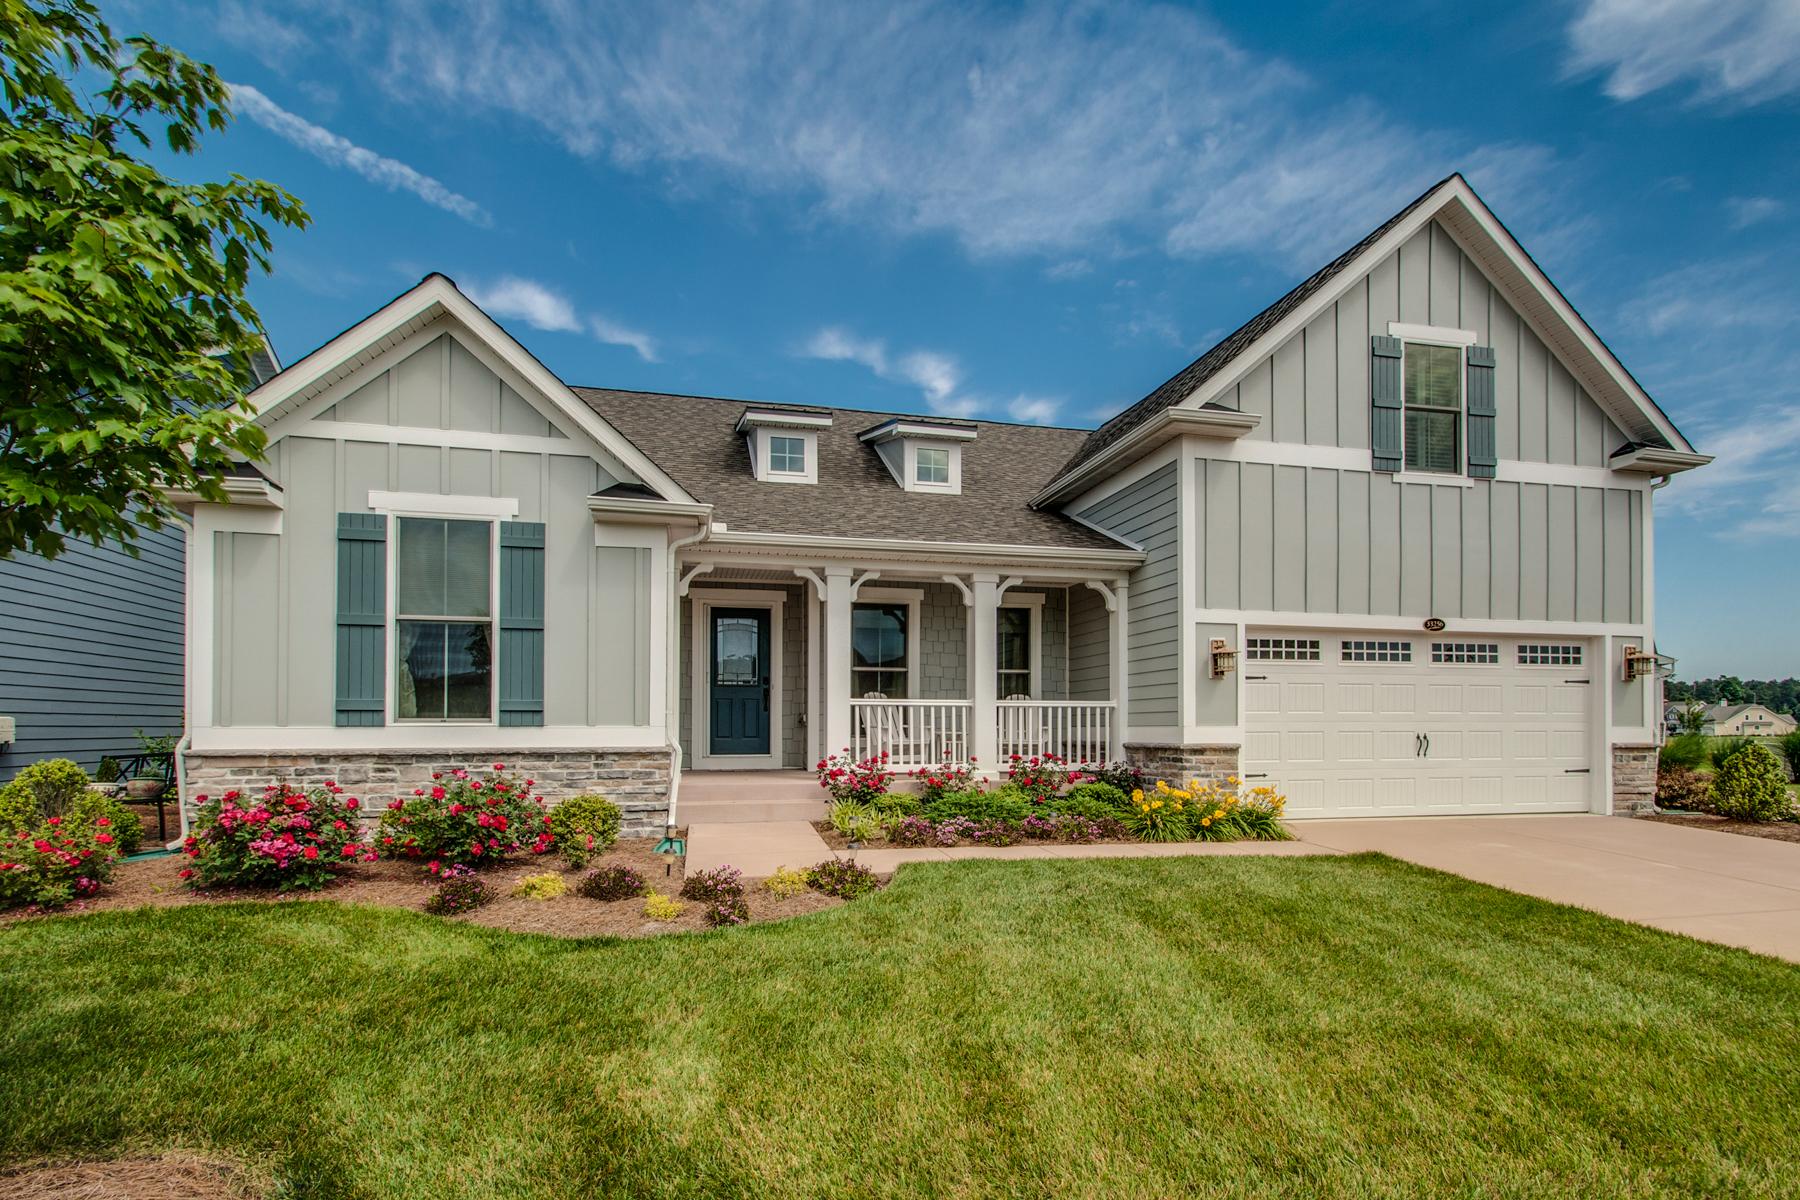 Einfamilienhaus für Verkauf beim 33256 Wading Duck Drive , Millsboro, DE 19966 33256 Wading Duck Drive Millsboro, Delaware, 19966 Vereinigte Staaten